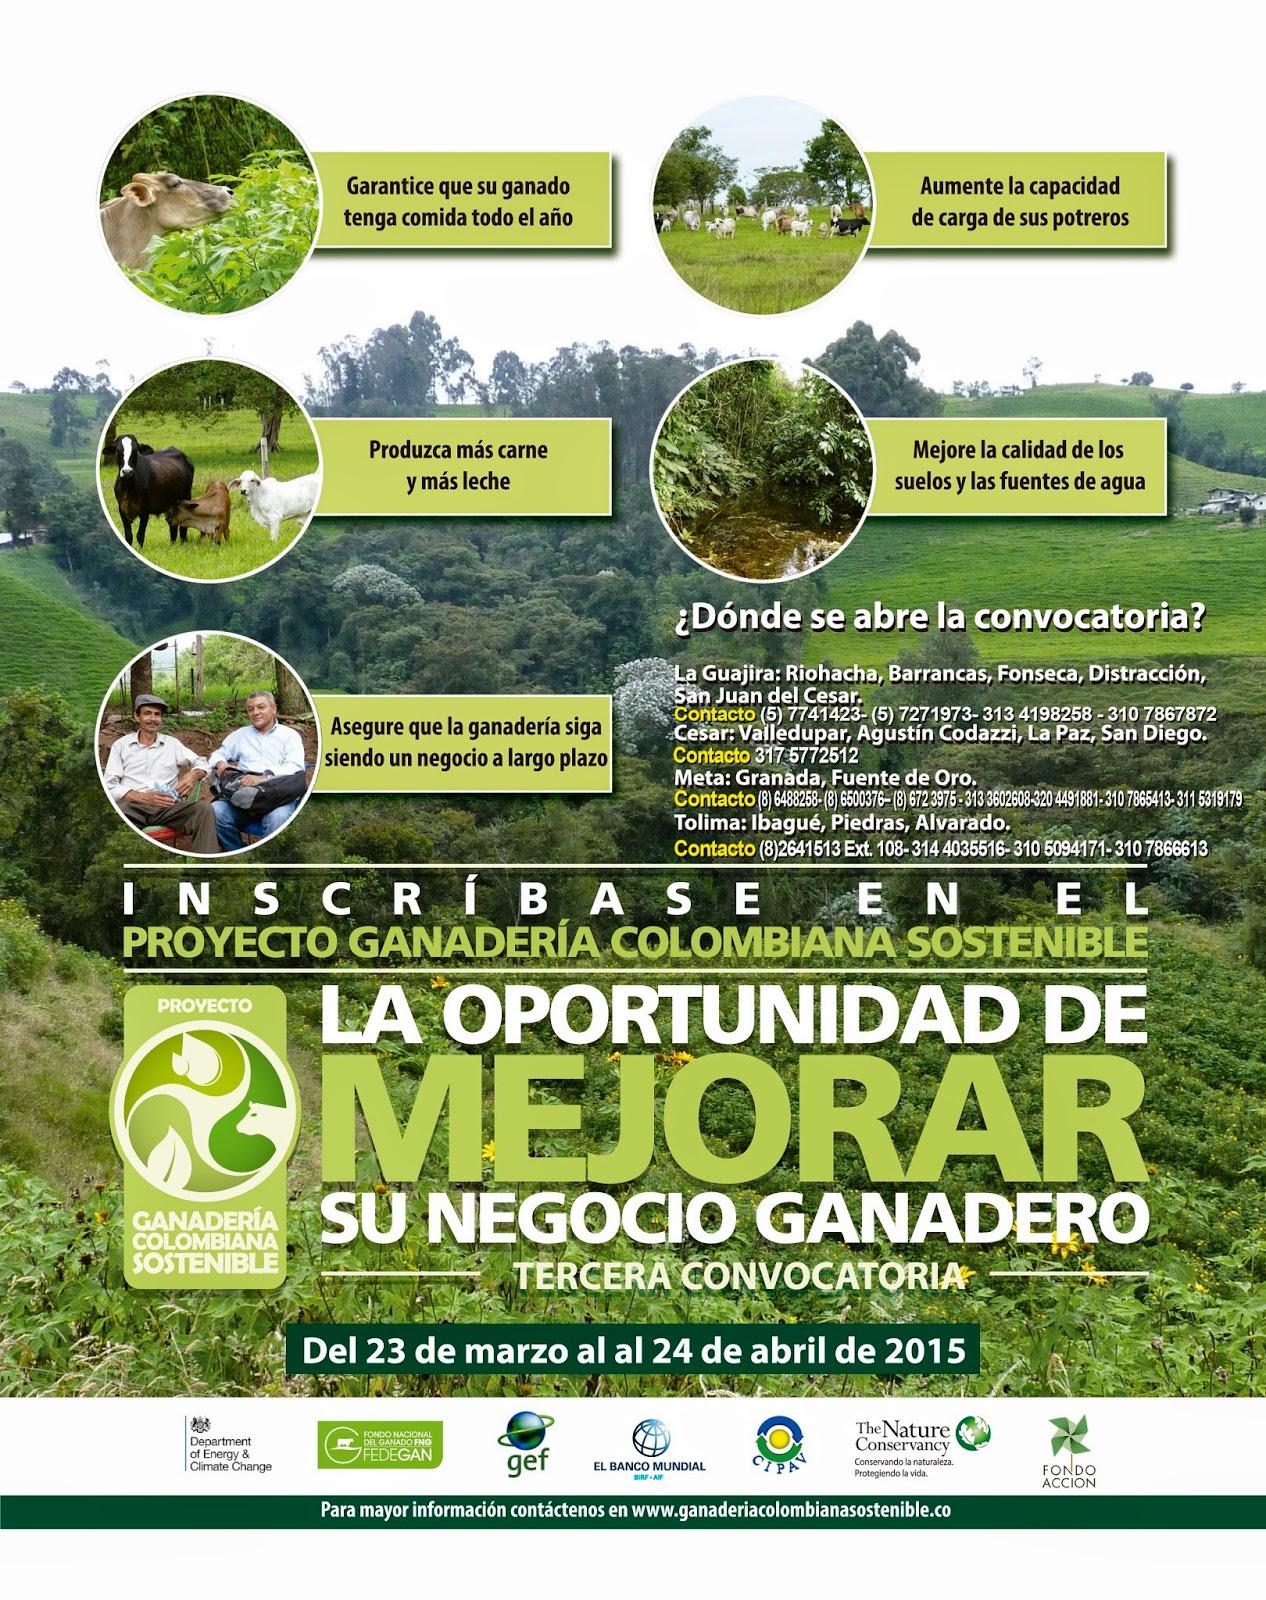 Ganadería Colombiana Sostenible final